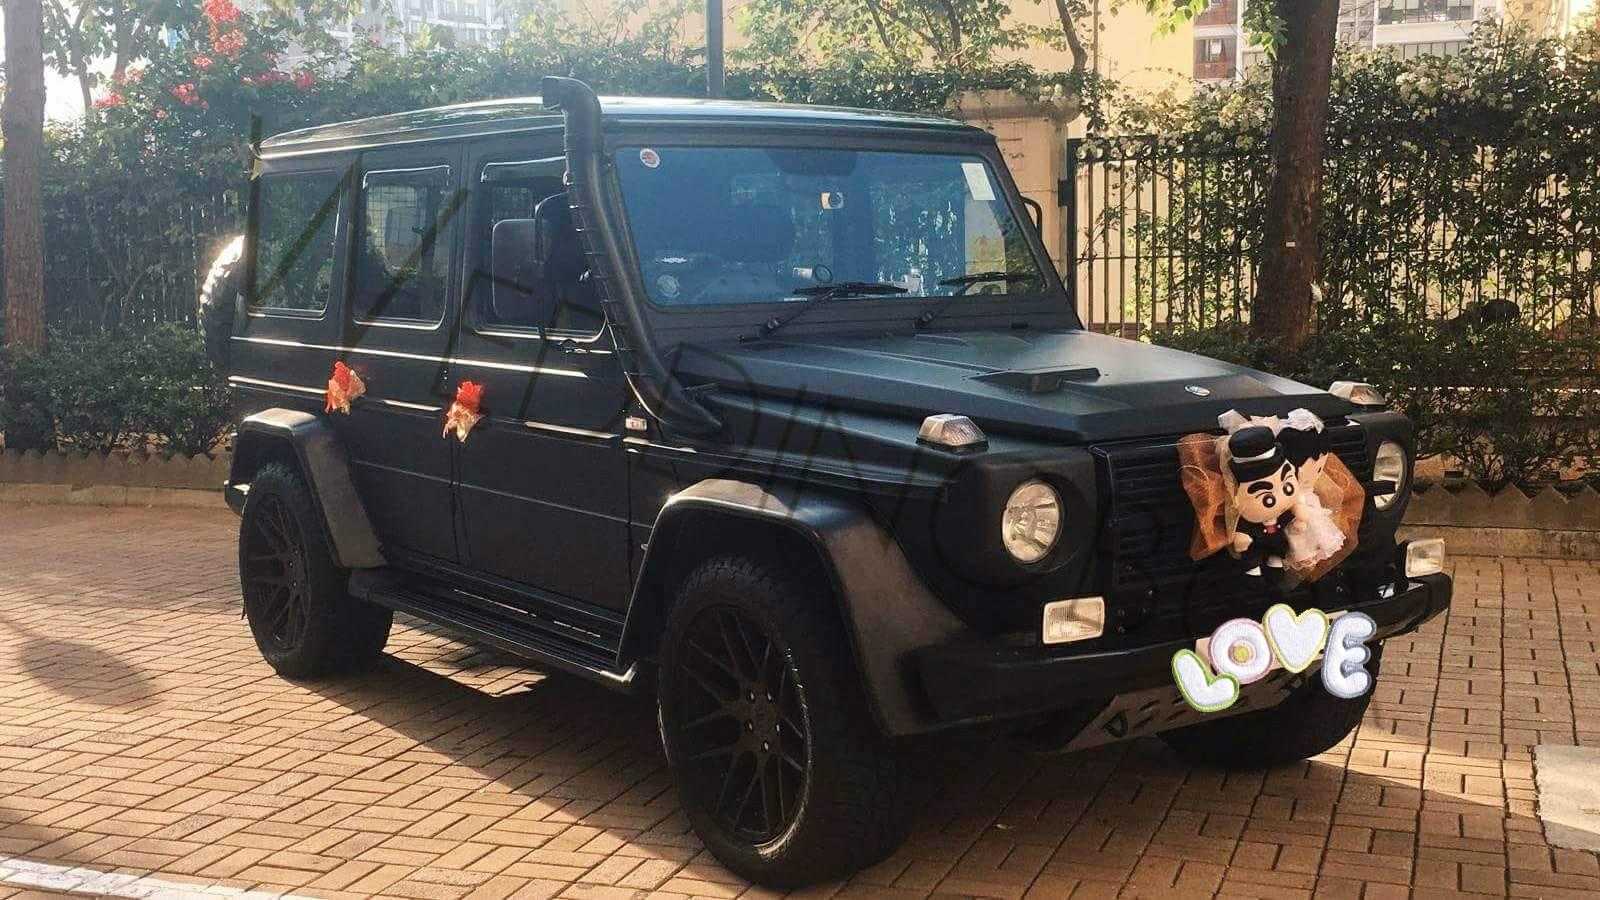 Benz- G Class (黑色) JS